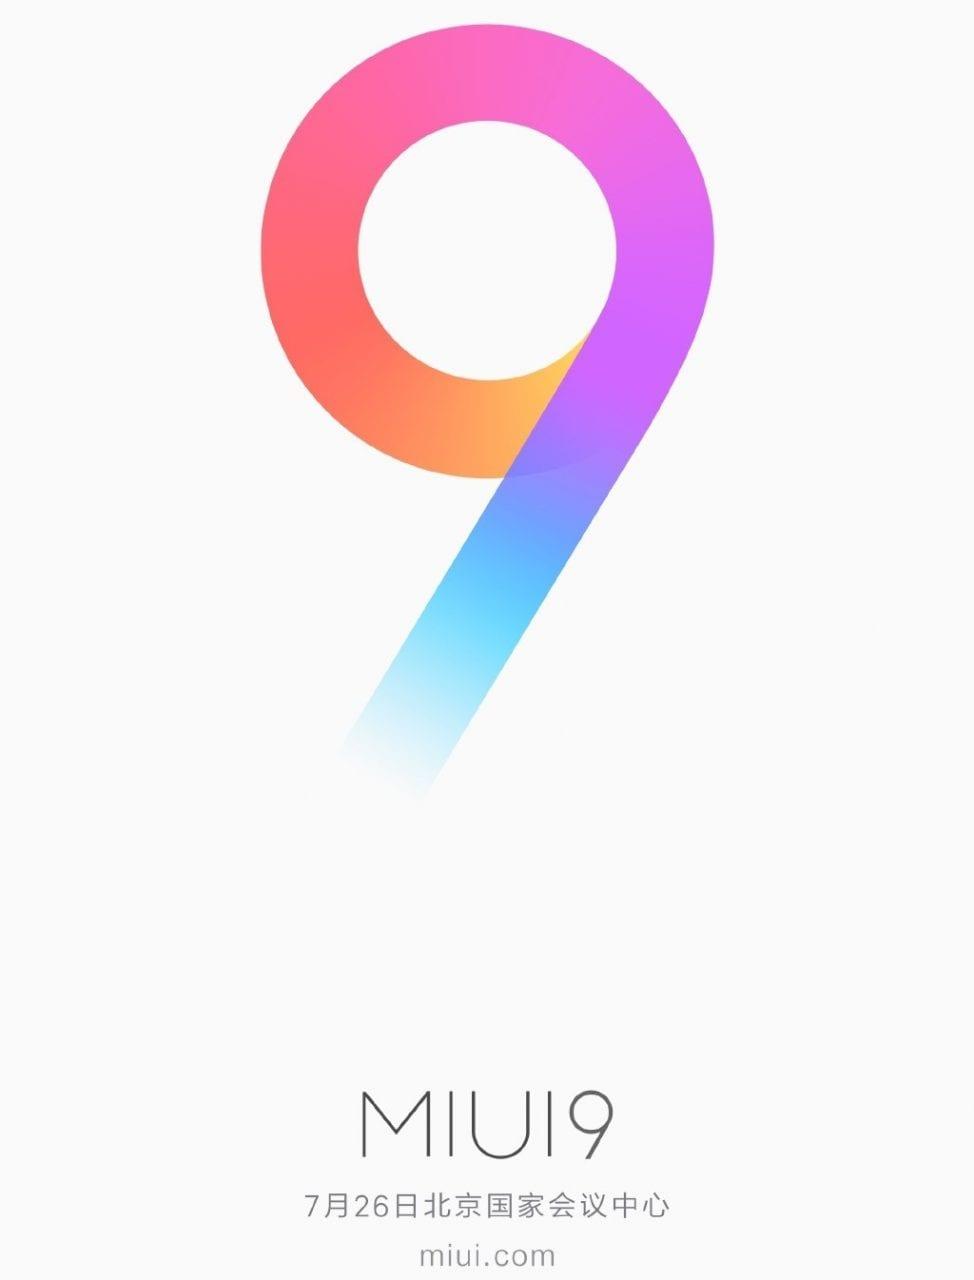 Volete provare la nuova MIUI 9 in anteprima? Ecco come fare